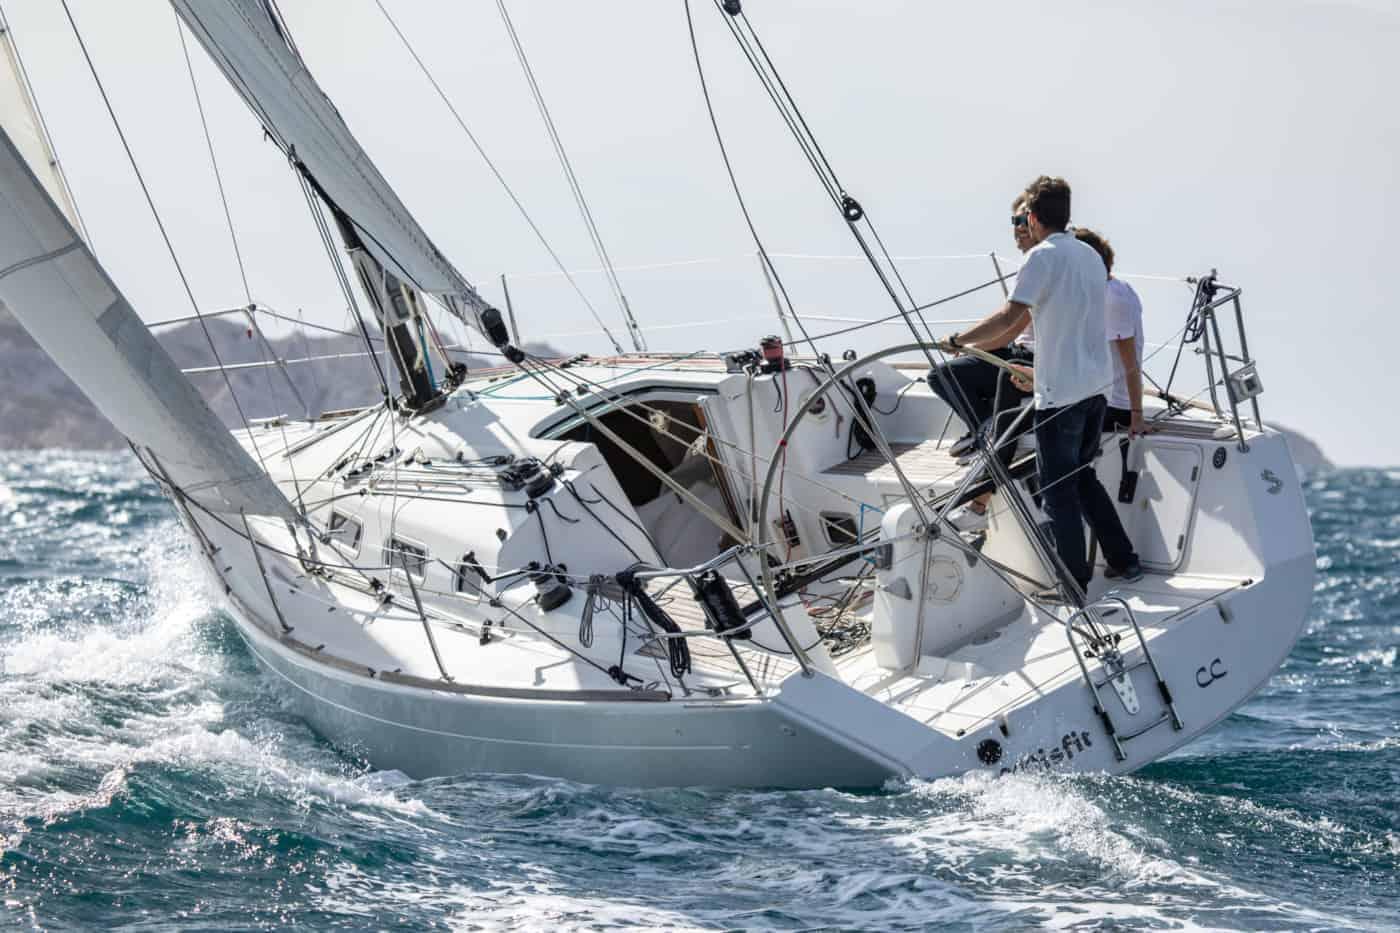 , SailEazy : une application pour louer des voiliers en libre-service, Made in Marseille